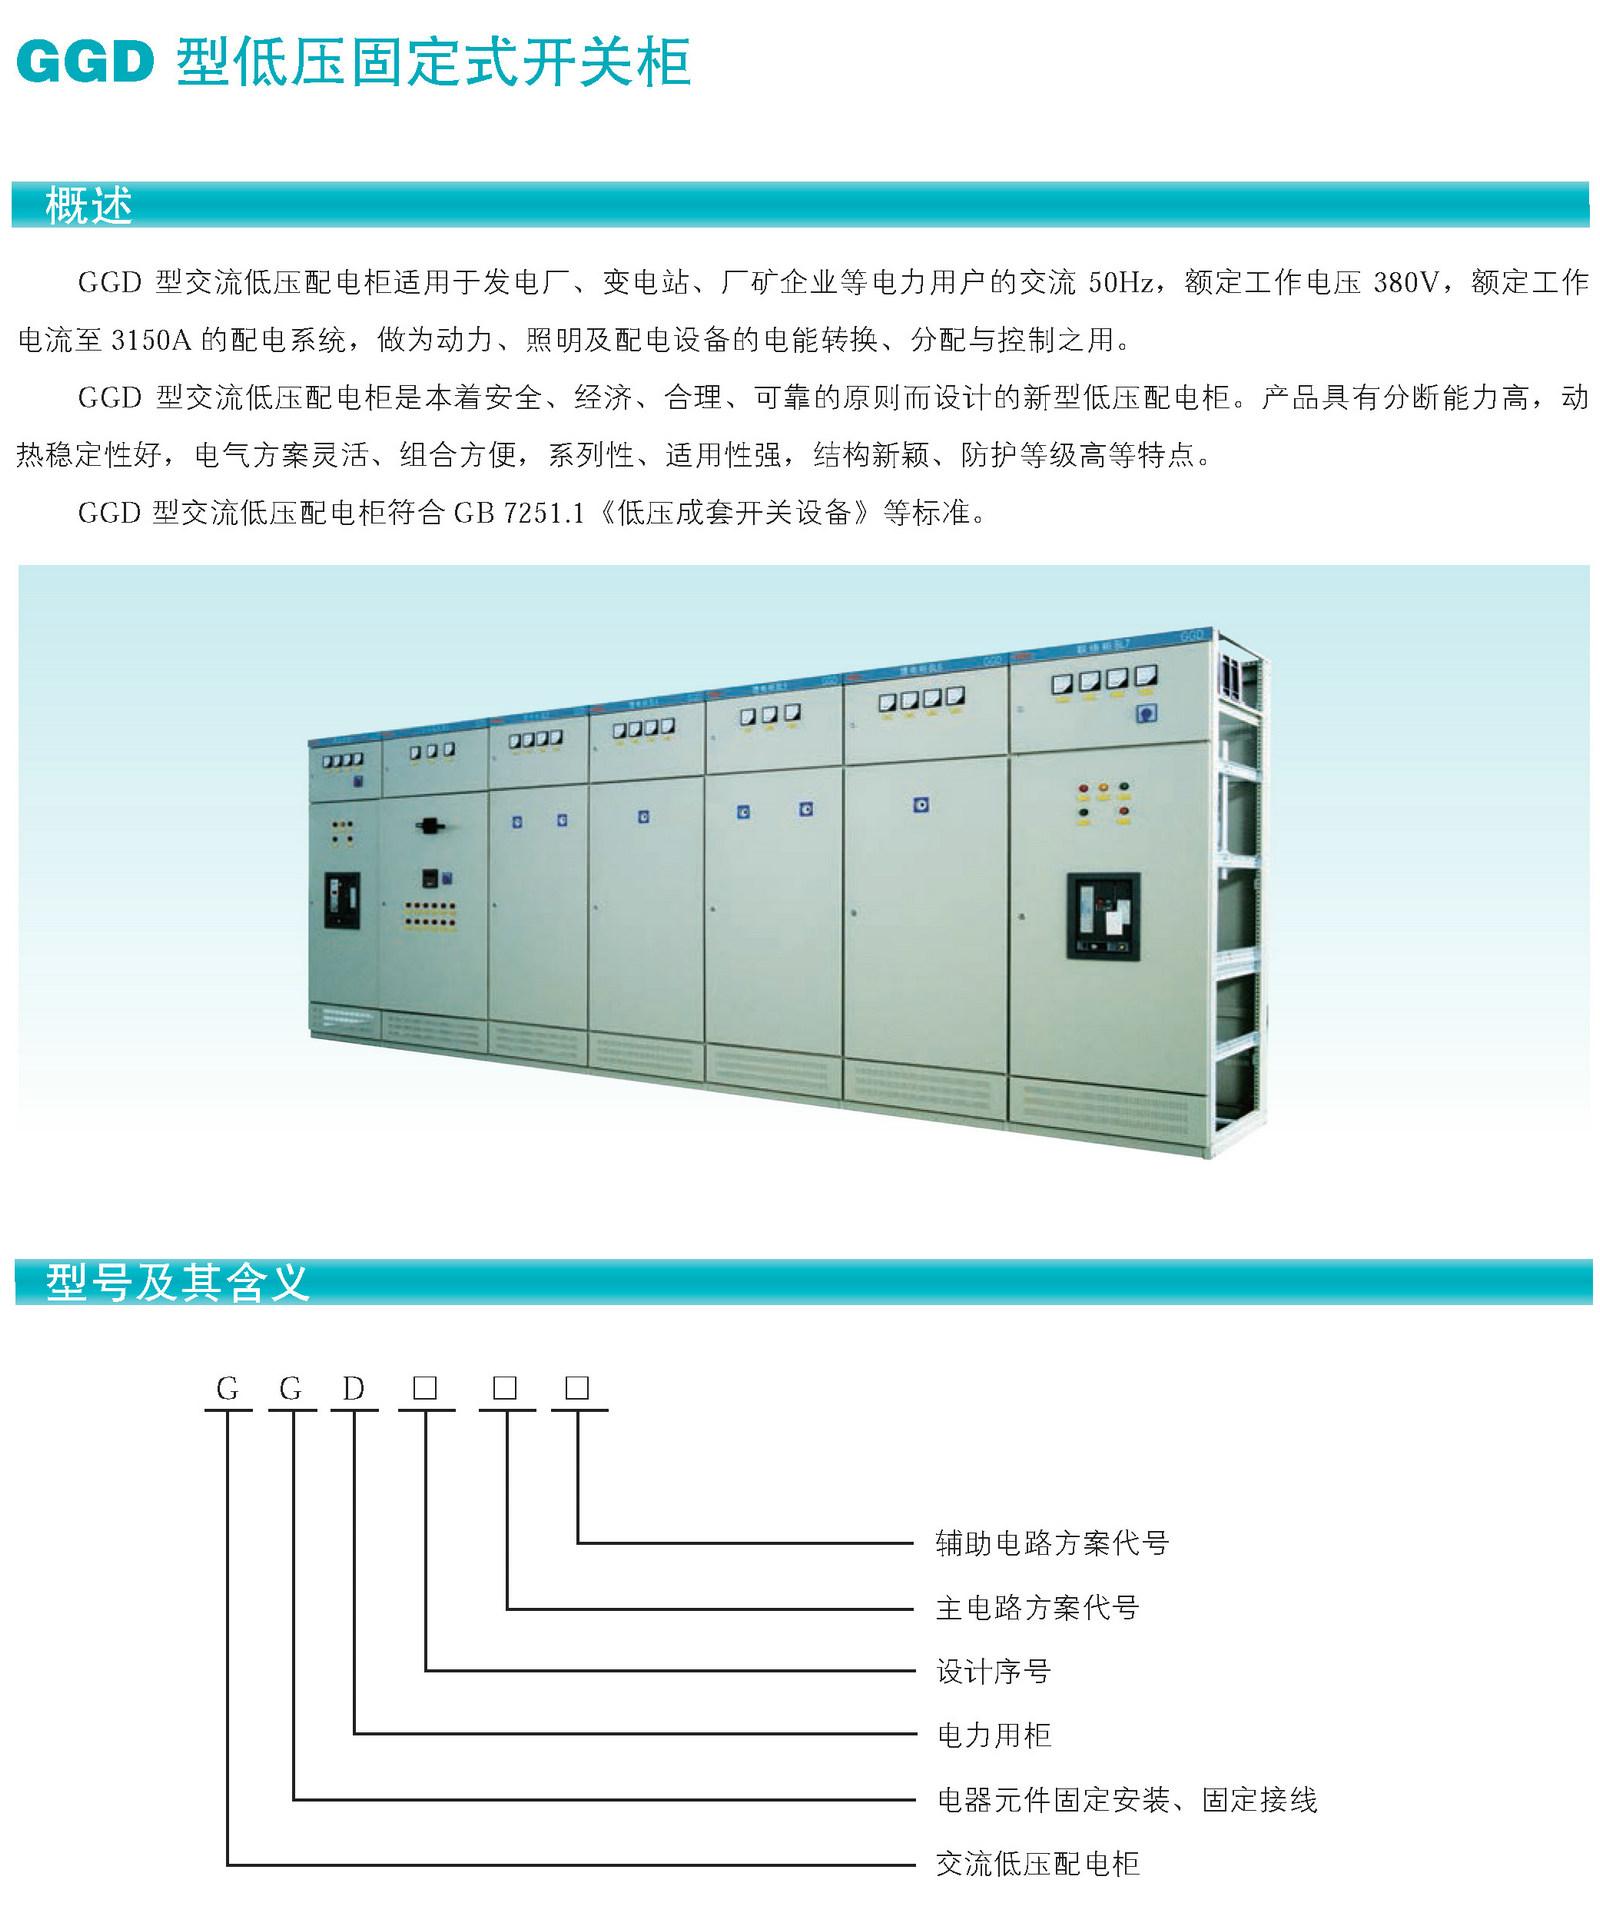 GGD型低压开关柜1-1_副本